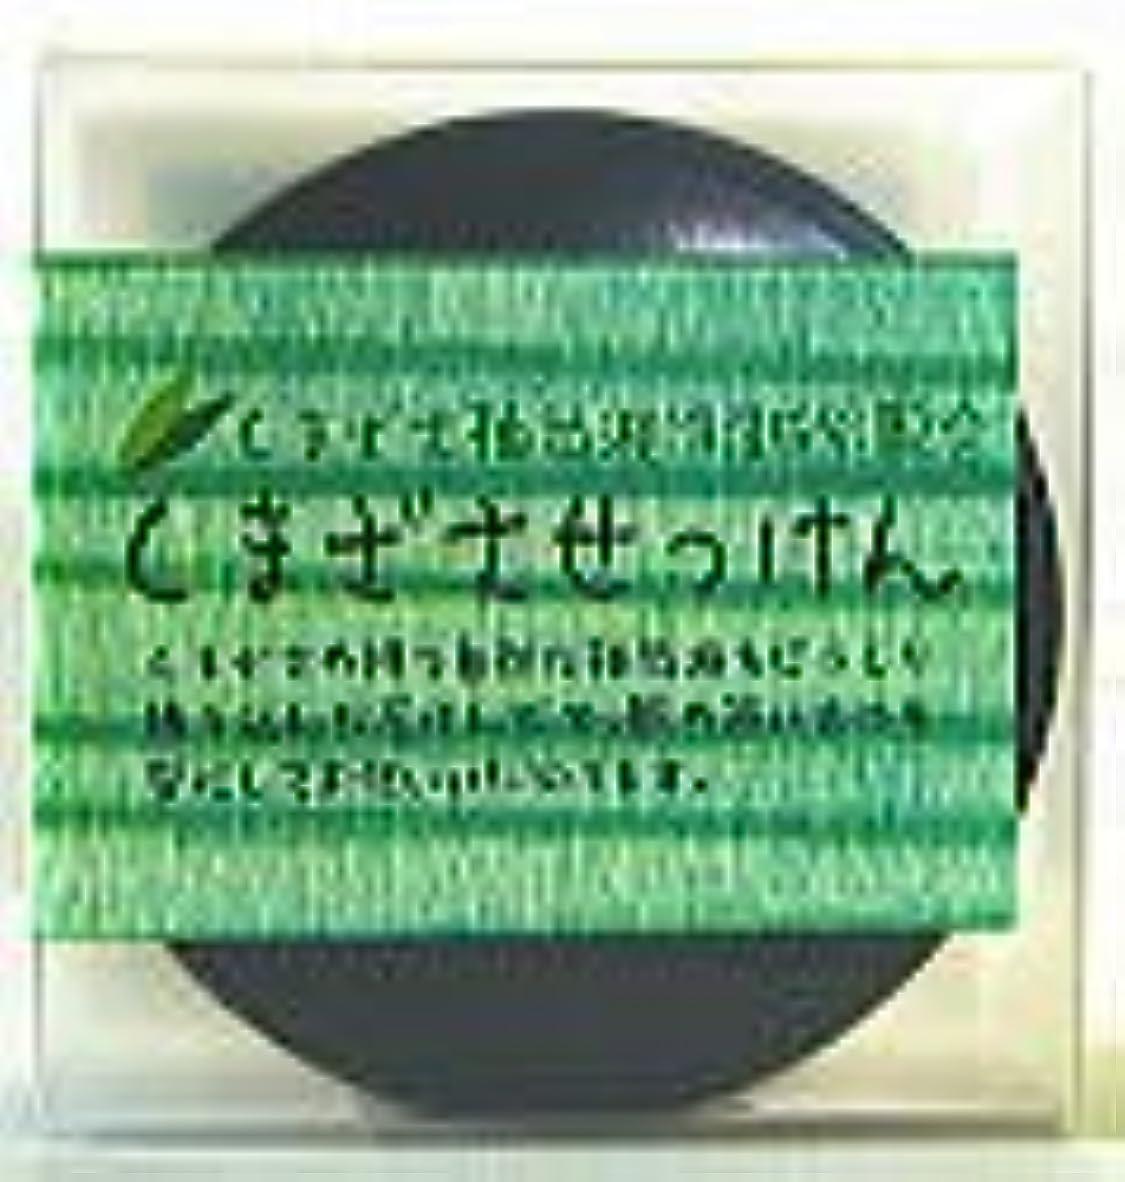 セマフォ食器棚徴収サンクロン クマザサ石鹸 100g